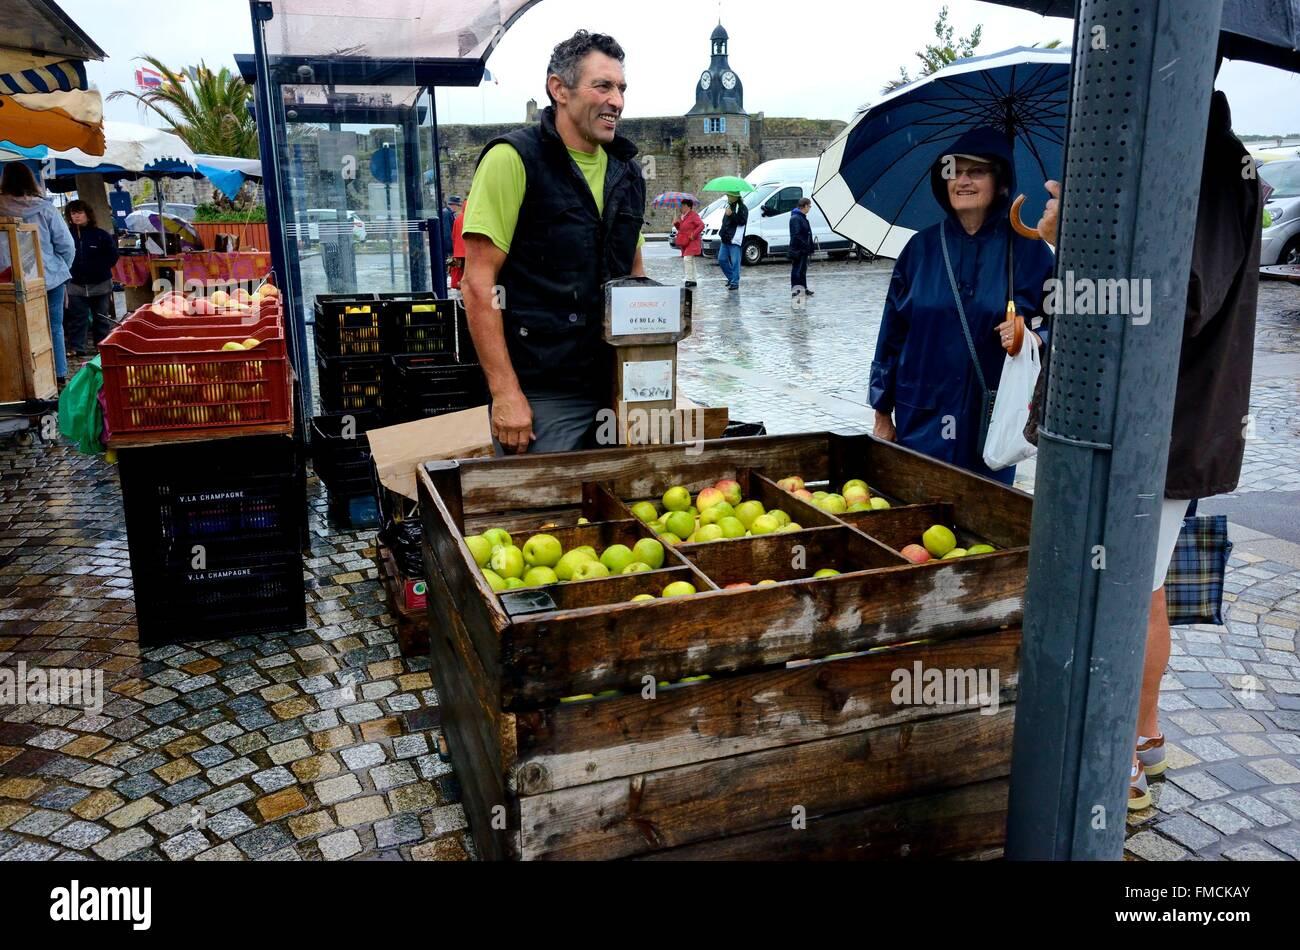 La France, Finistère, le marché, le vendeur apple stall Photo Stock